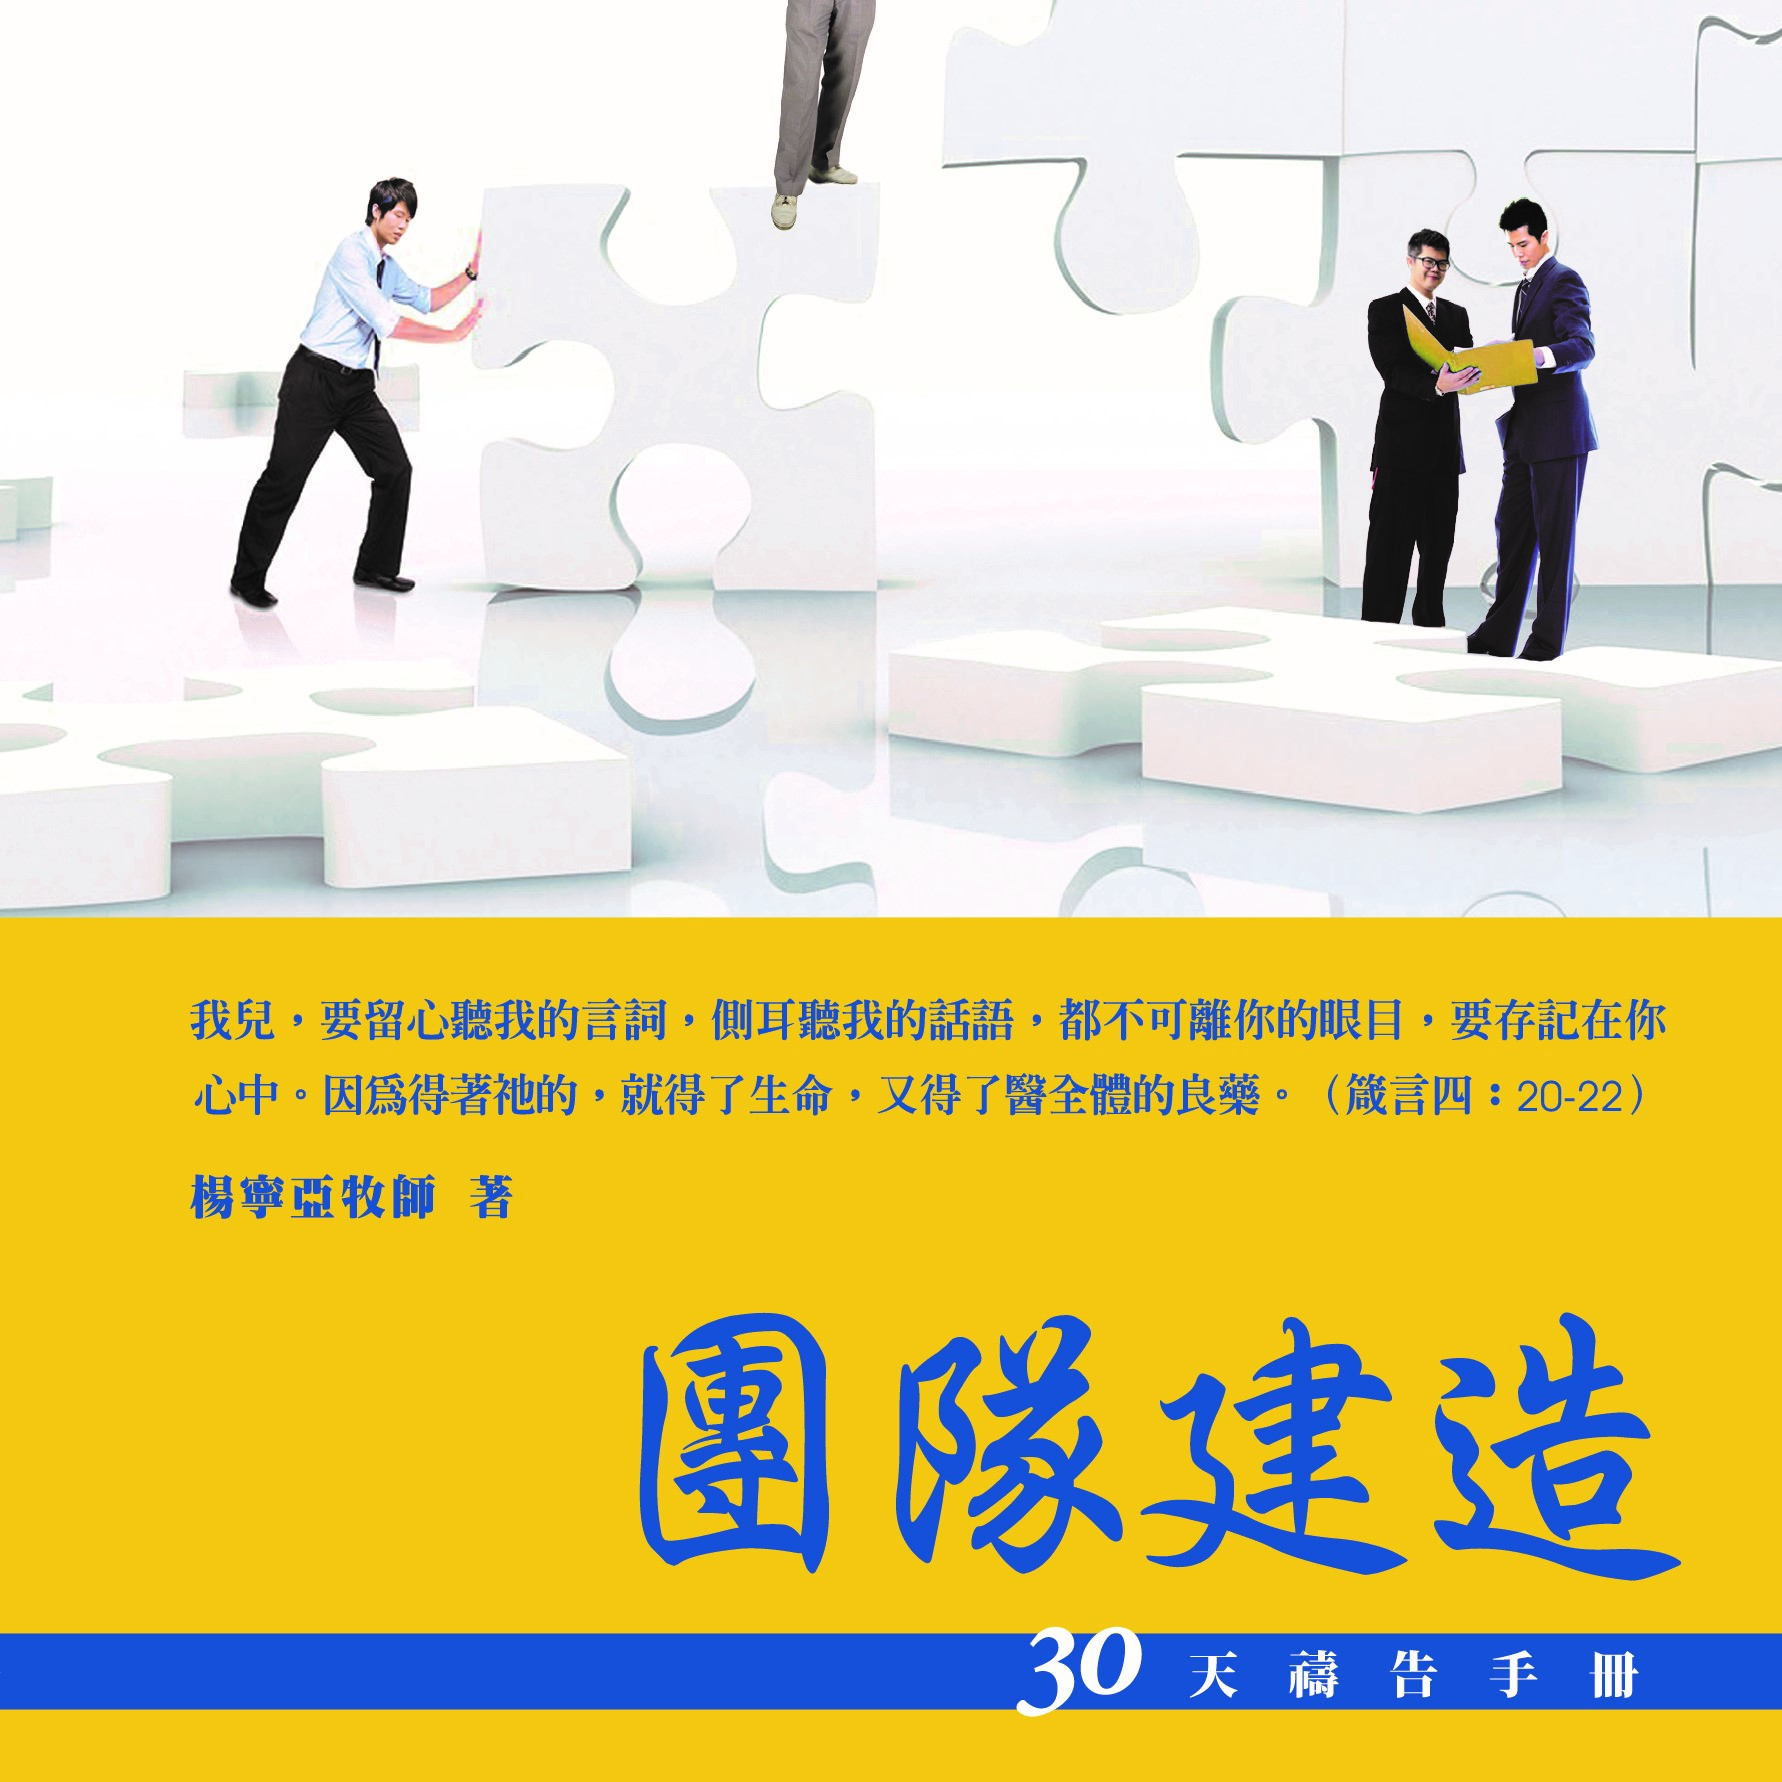 11.團隊建造-第10天-11.Team Building-day10 推行事工的關鍵:建立團隊(三)君王